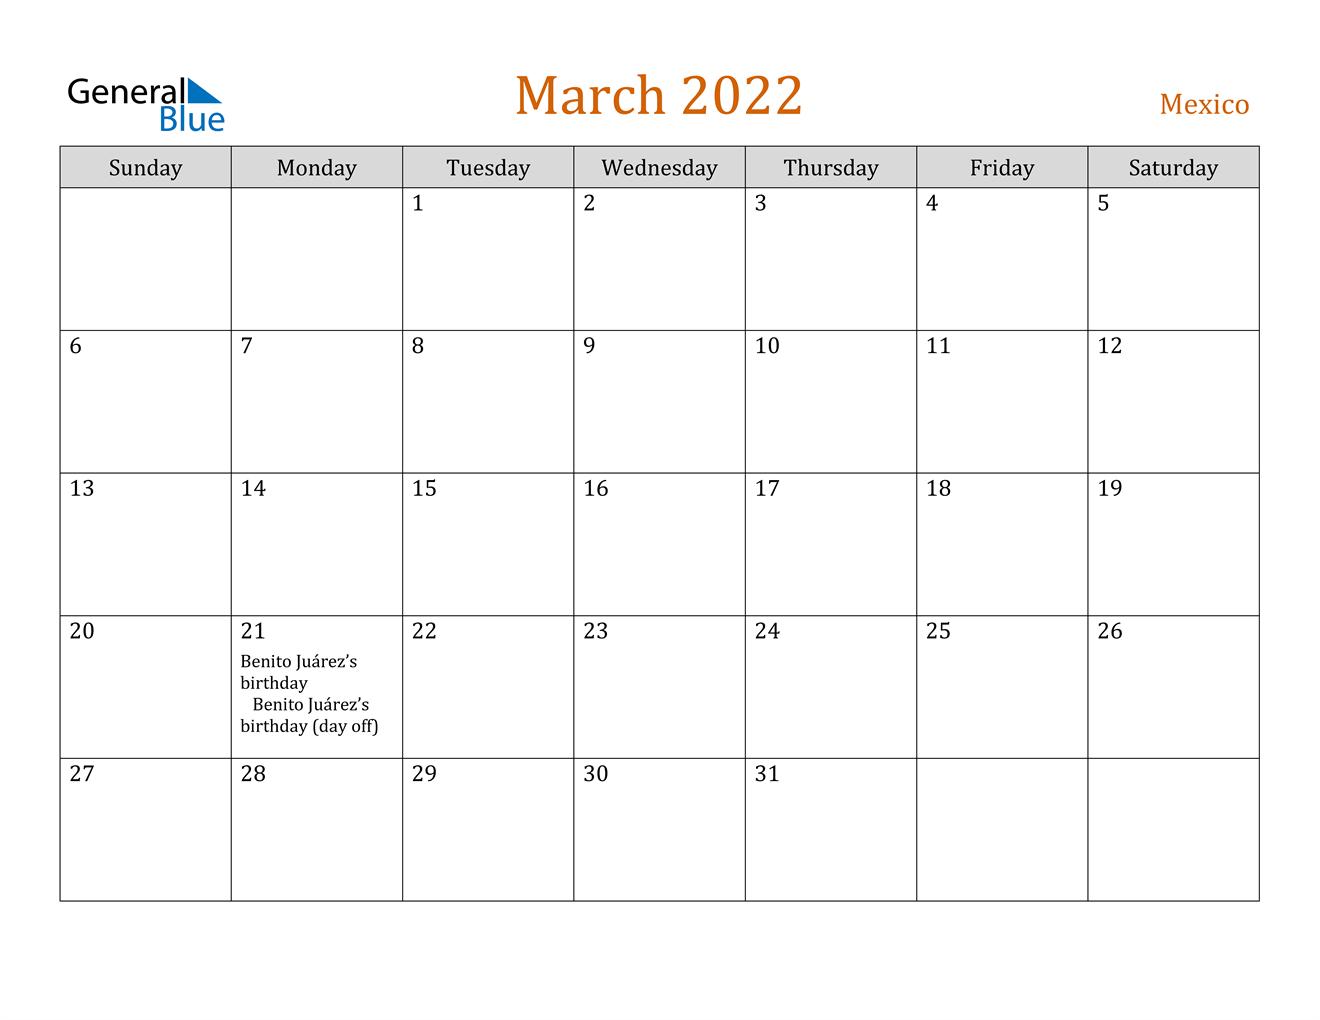 March 2022 Calendar - Mexico